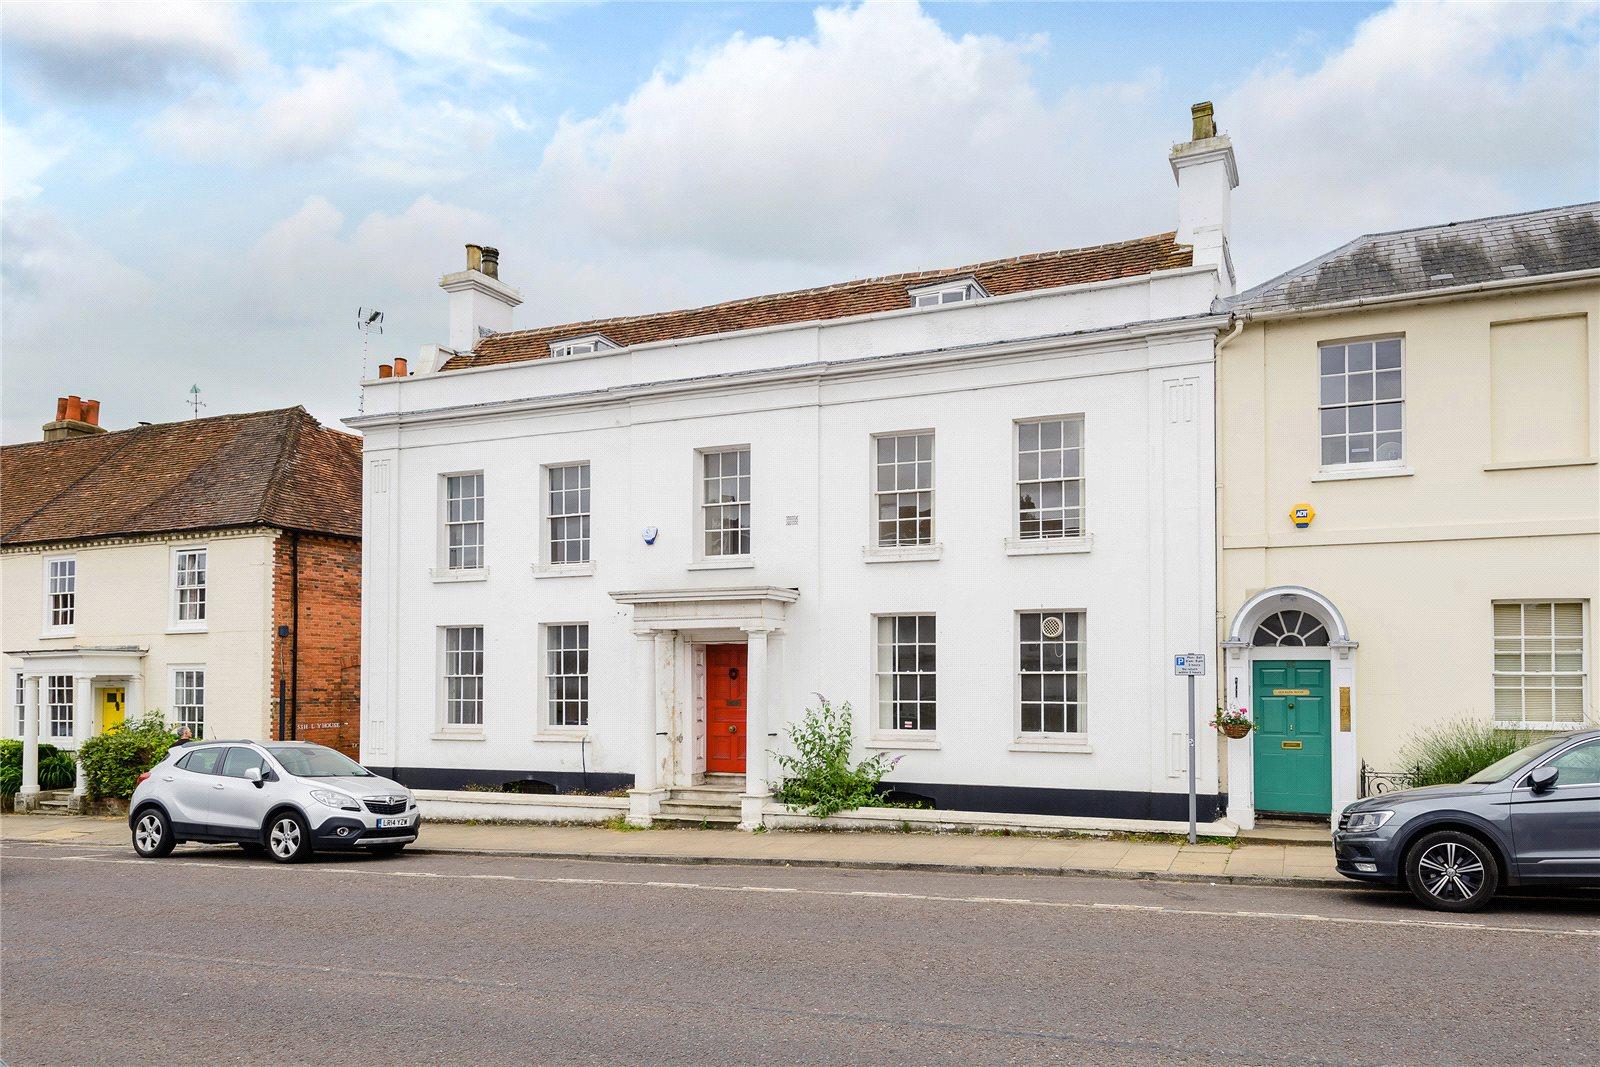 Maison unifamiliale pour l Vente à High Street, Odiham, Hook, Hampshire, RG29 Hook, Angleterre